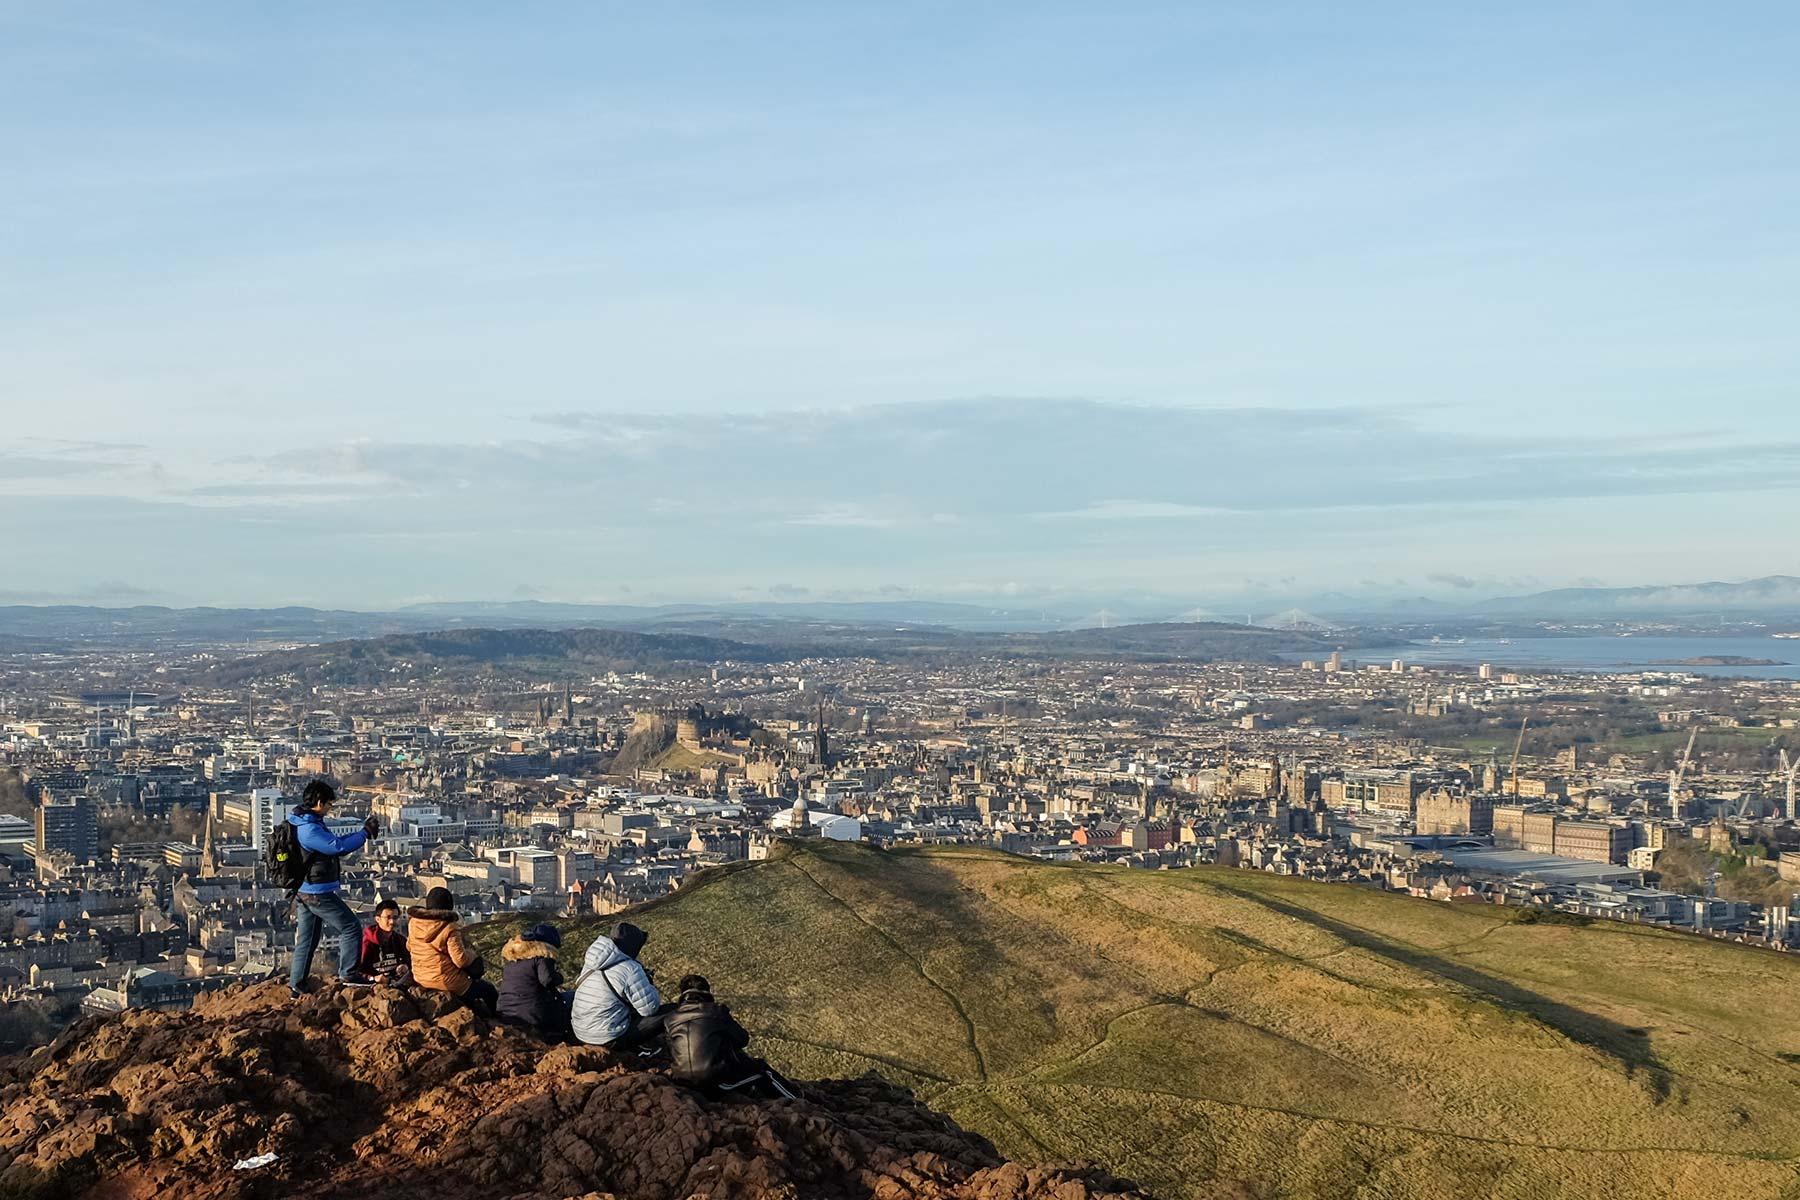 Blick auf Edinburgh vom Arthur's Seat in Edinburgh, Schottland